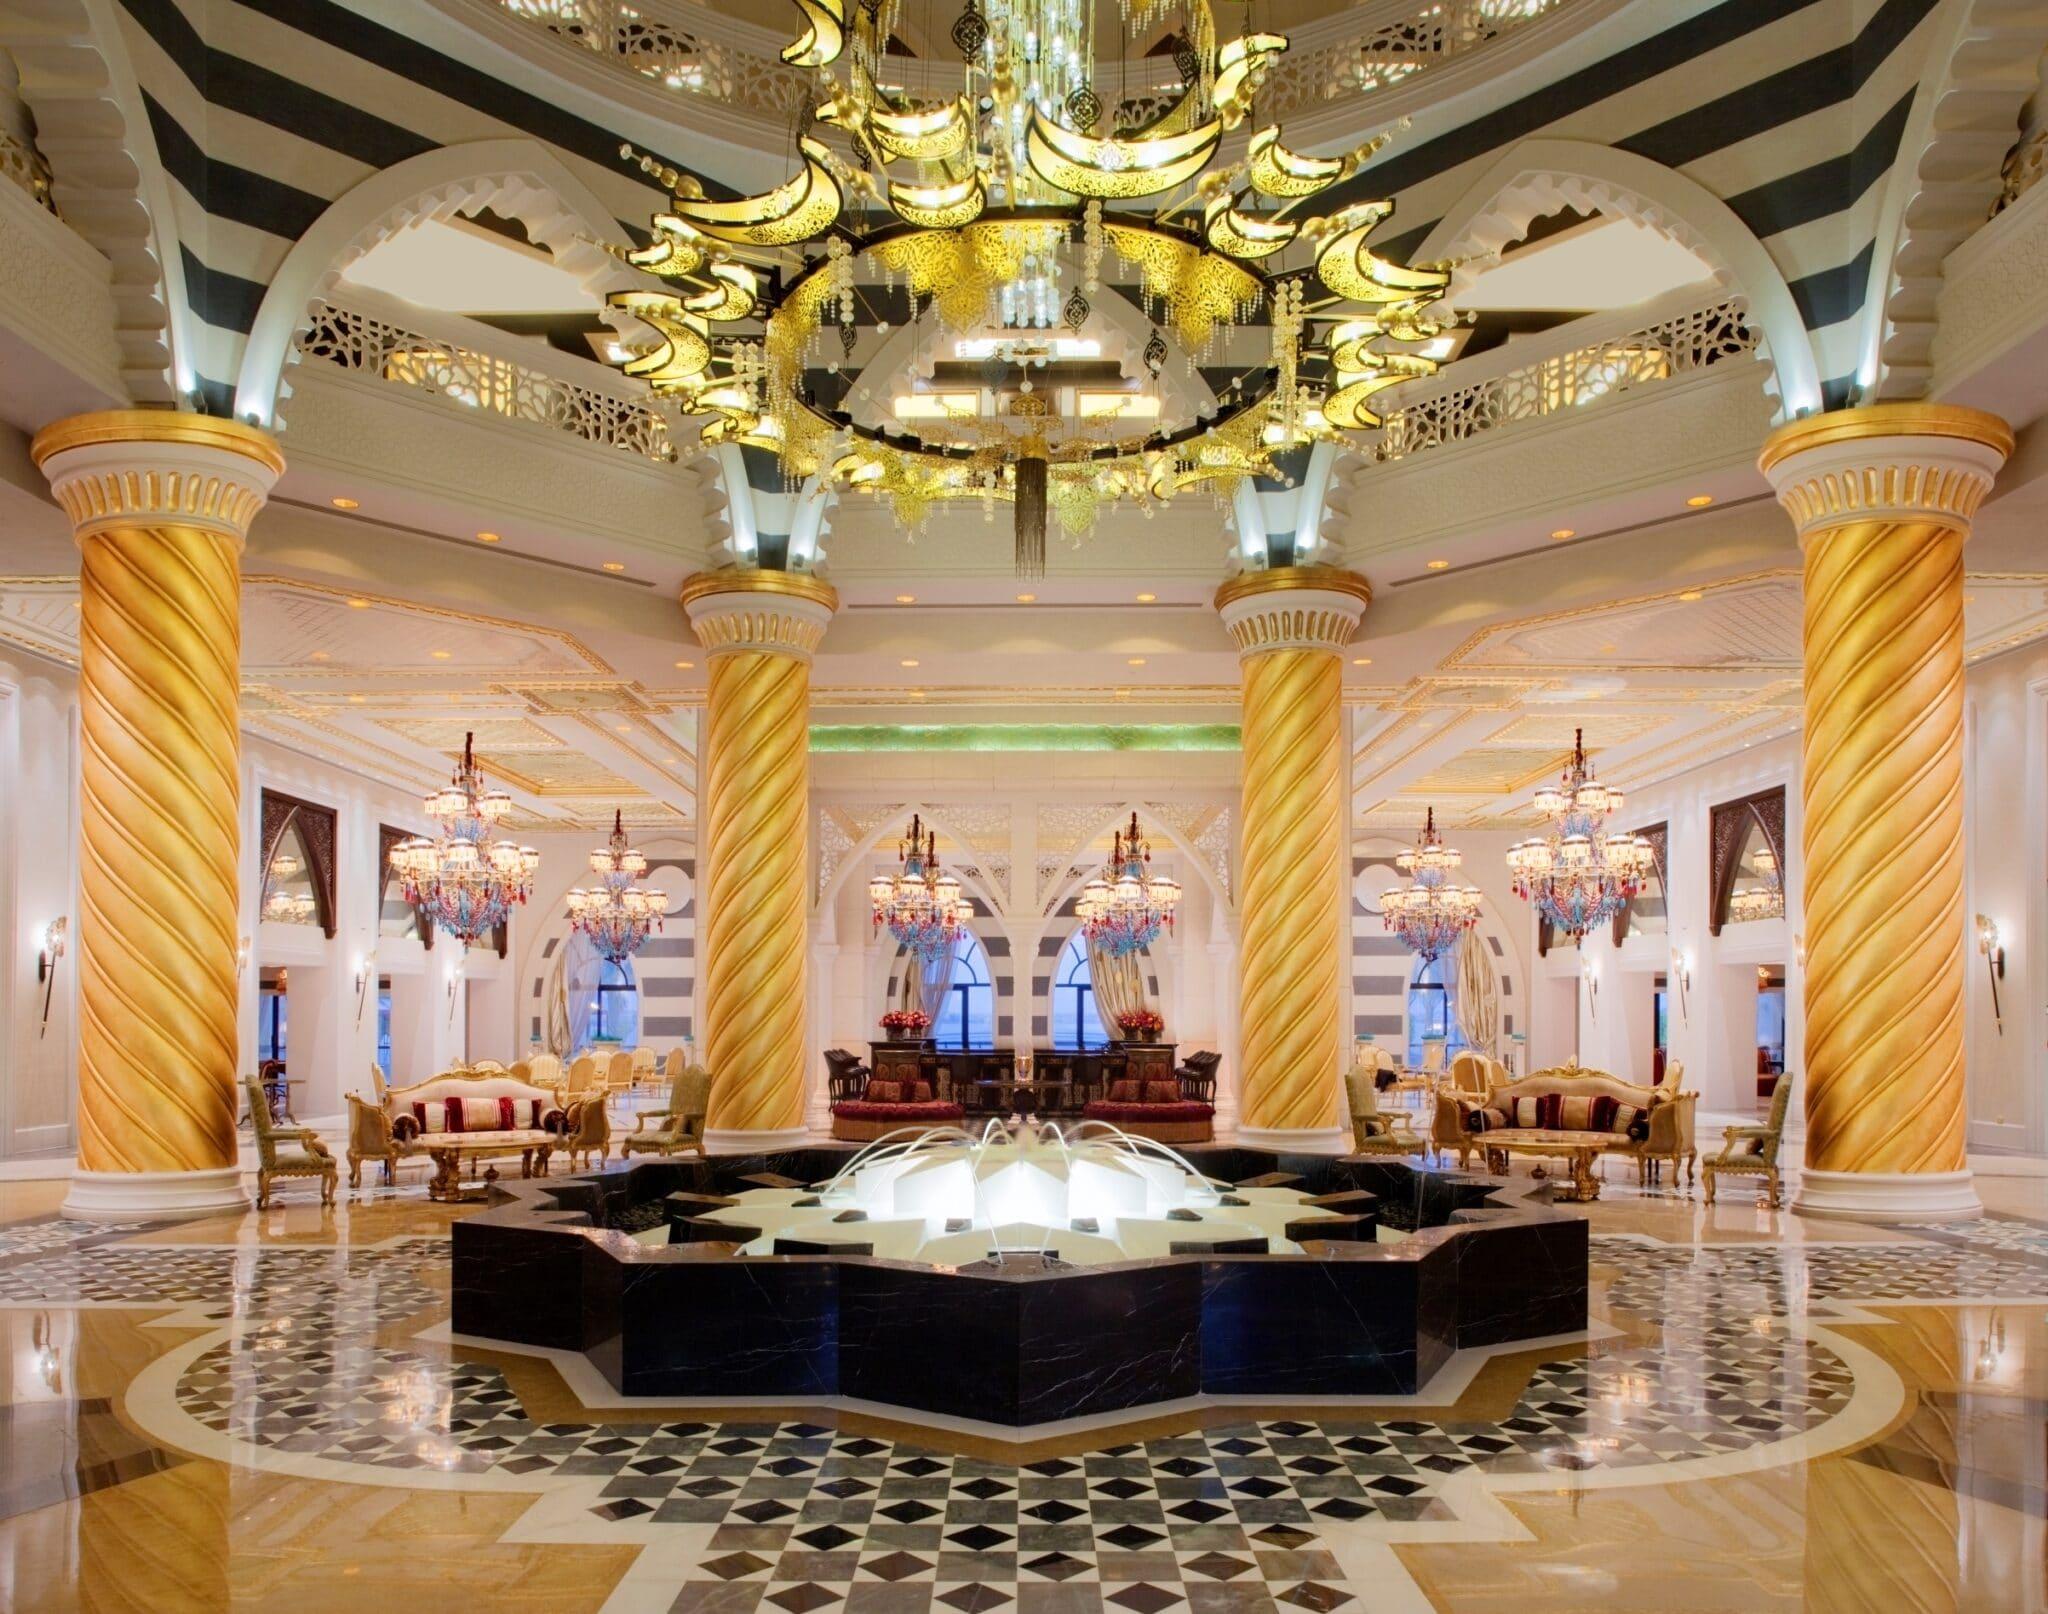 Carrousel 13 Jumeirah Zabeel Saray Lobby Fountain 1